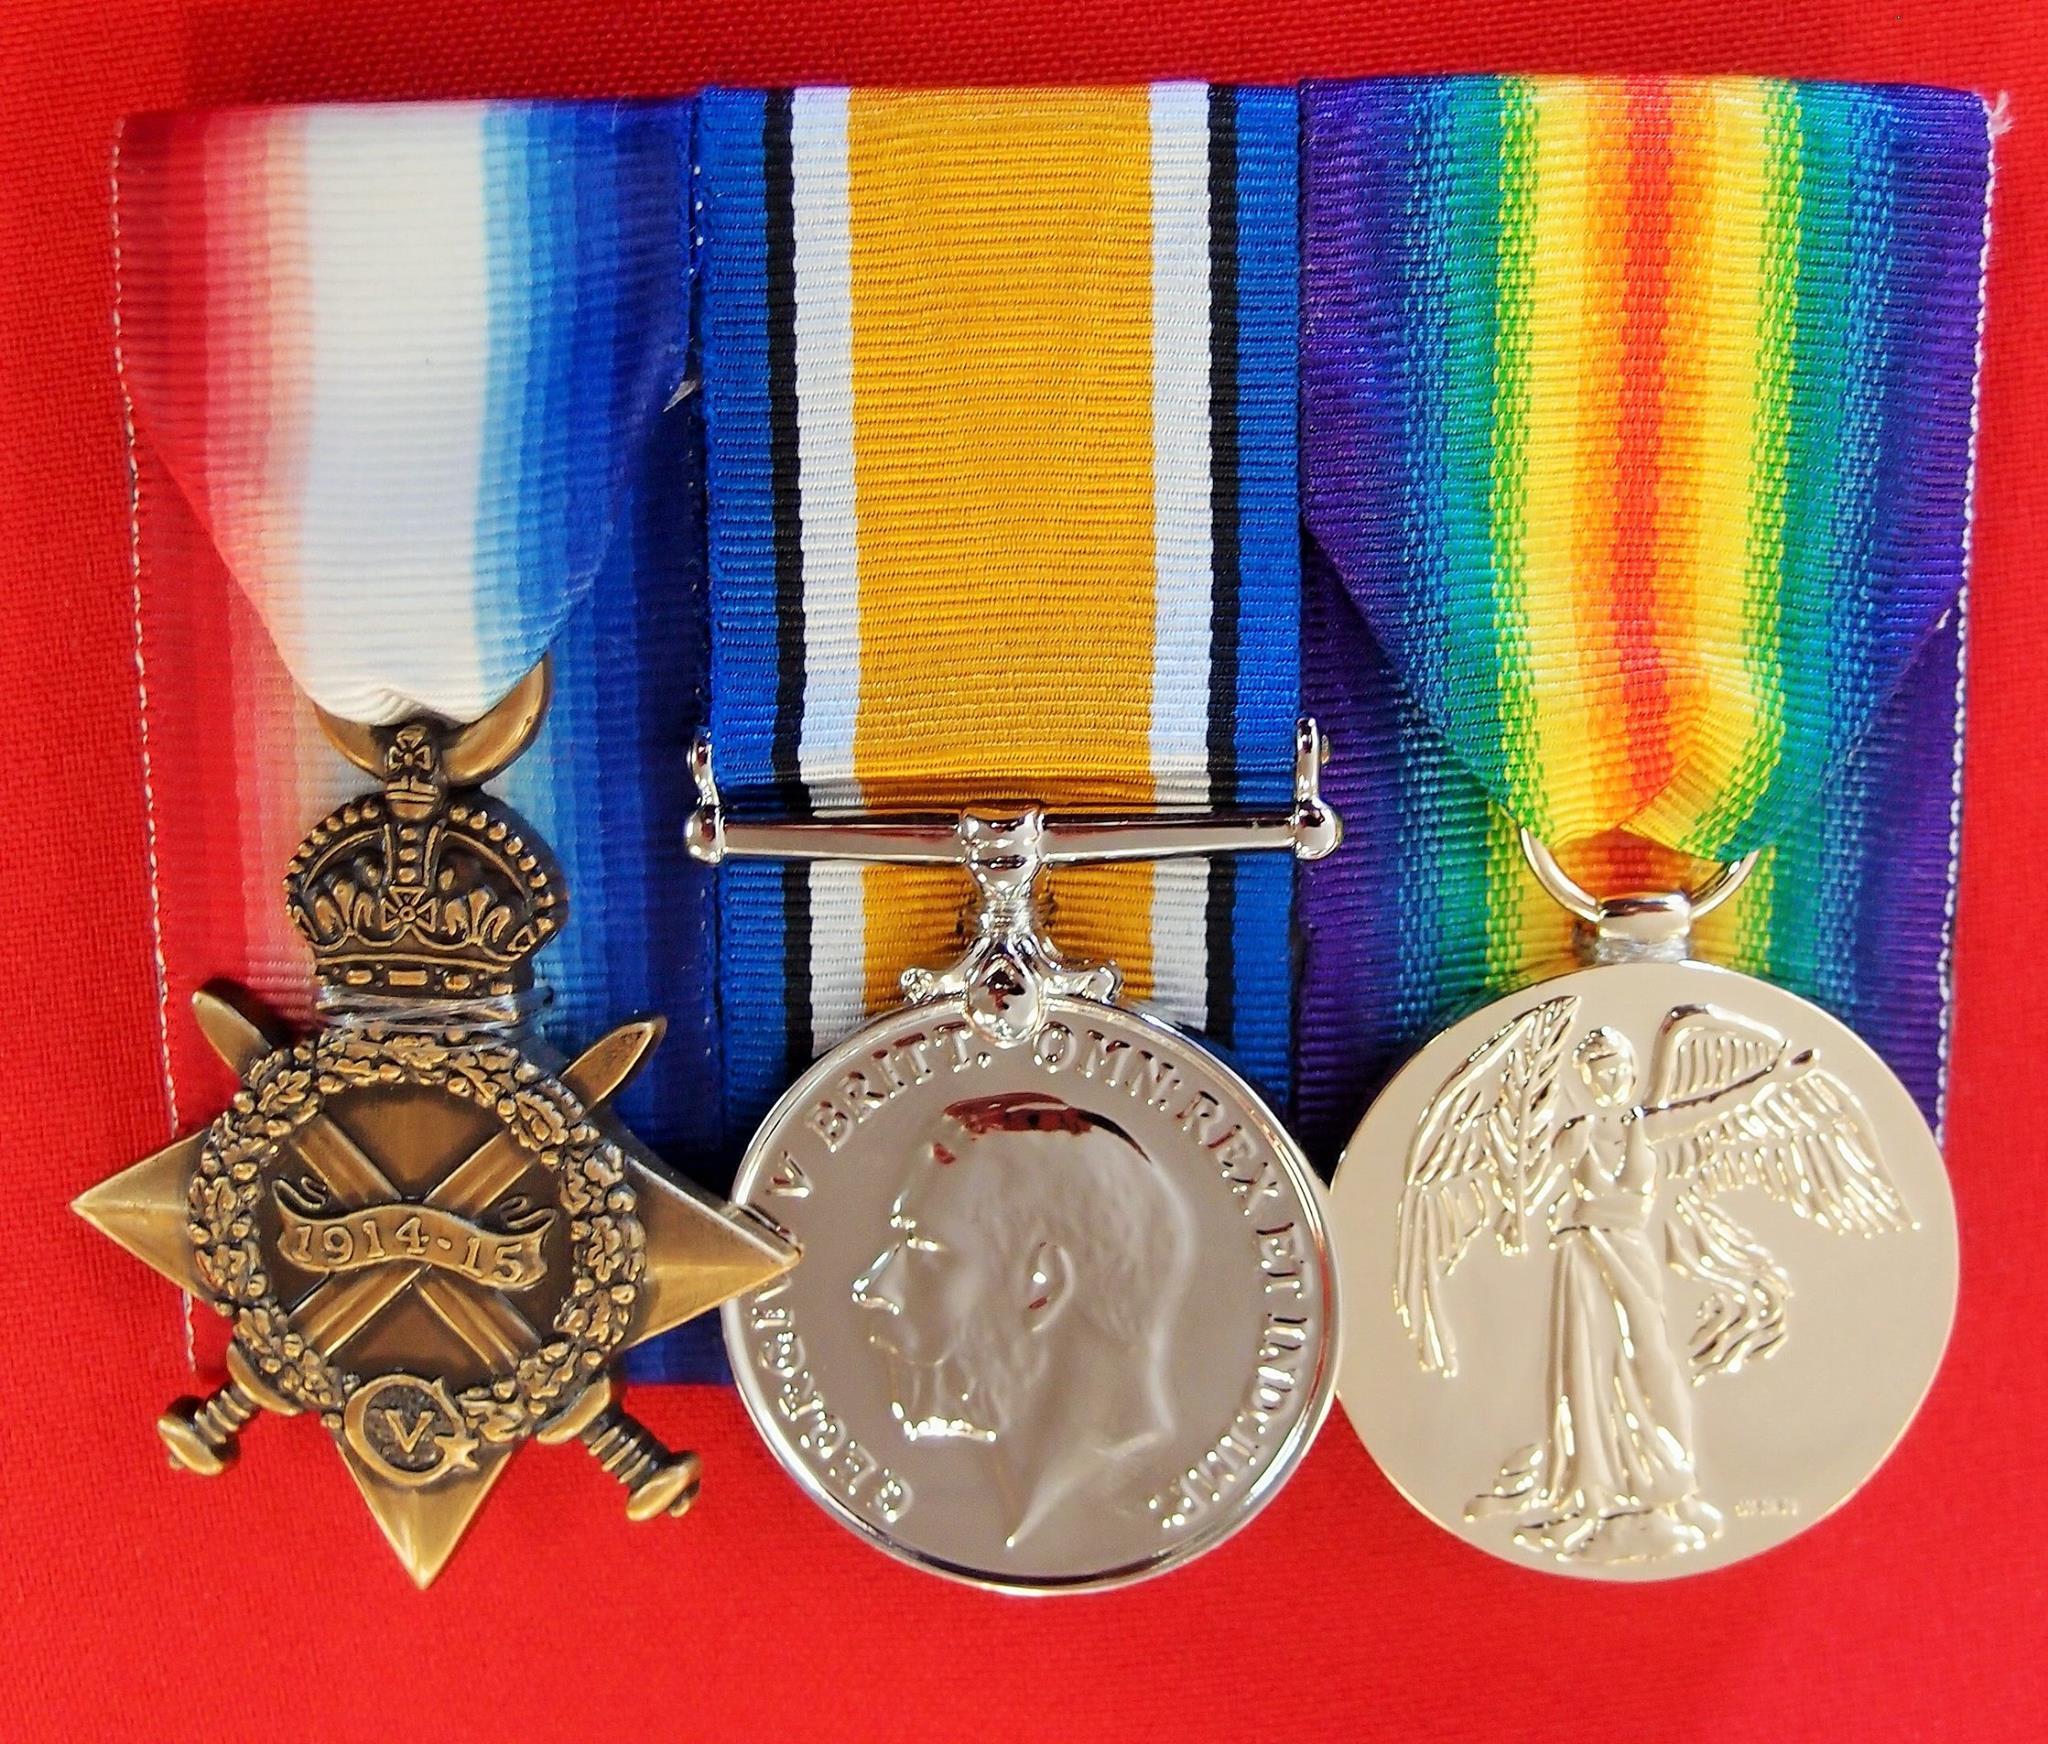 RACHEL: Replica medals nz